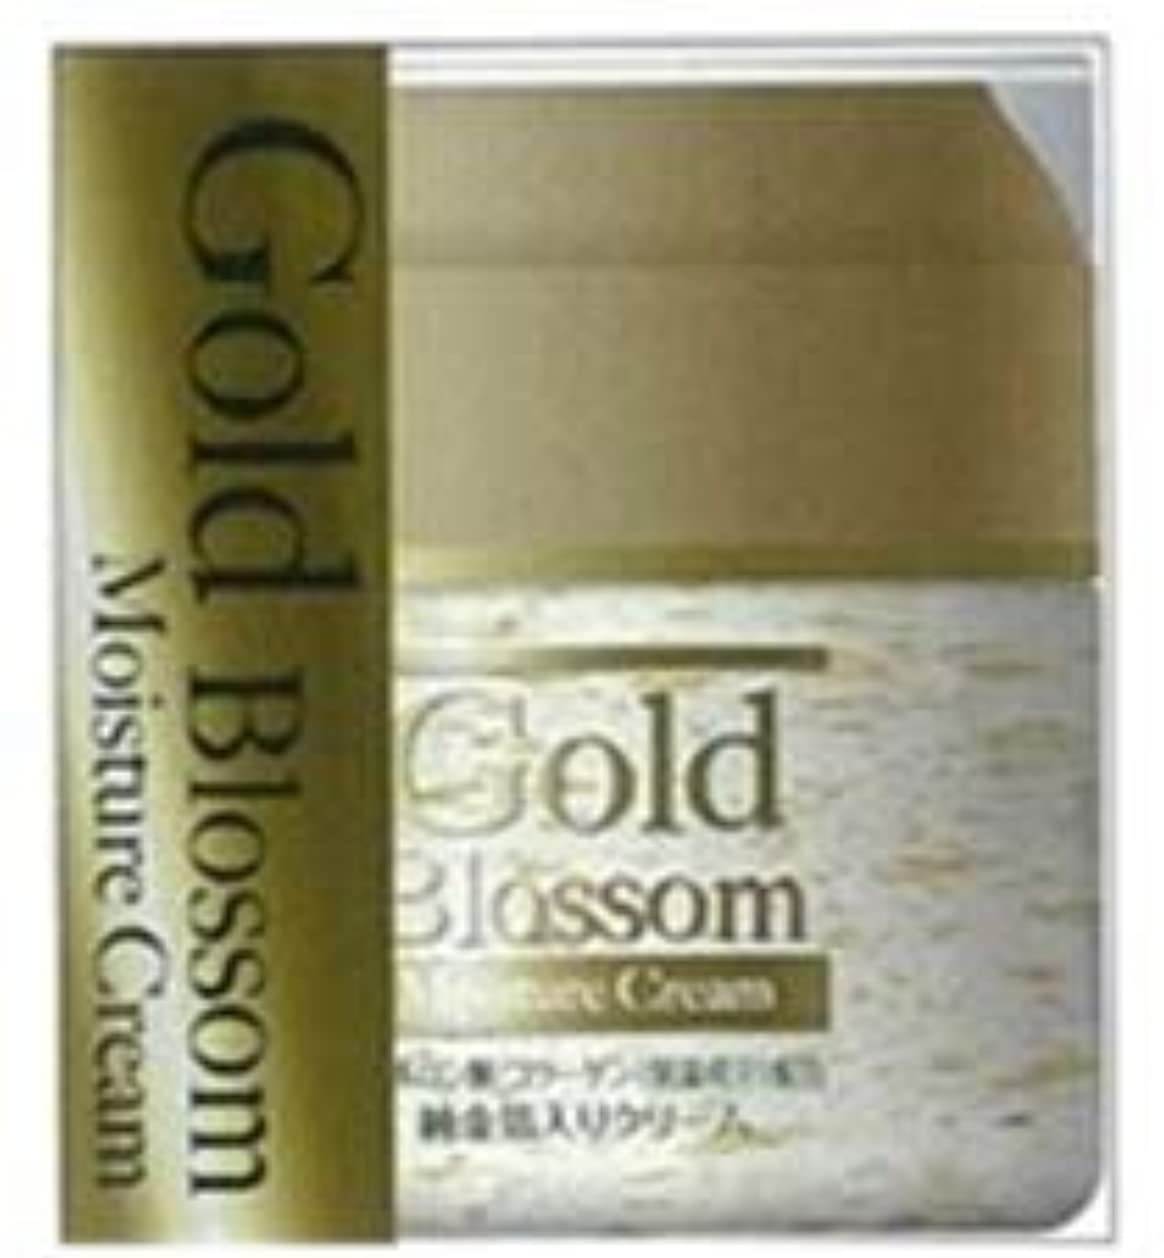 啓示スパン慣習Gold Blossom 保湿クリーム